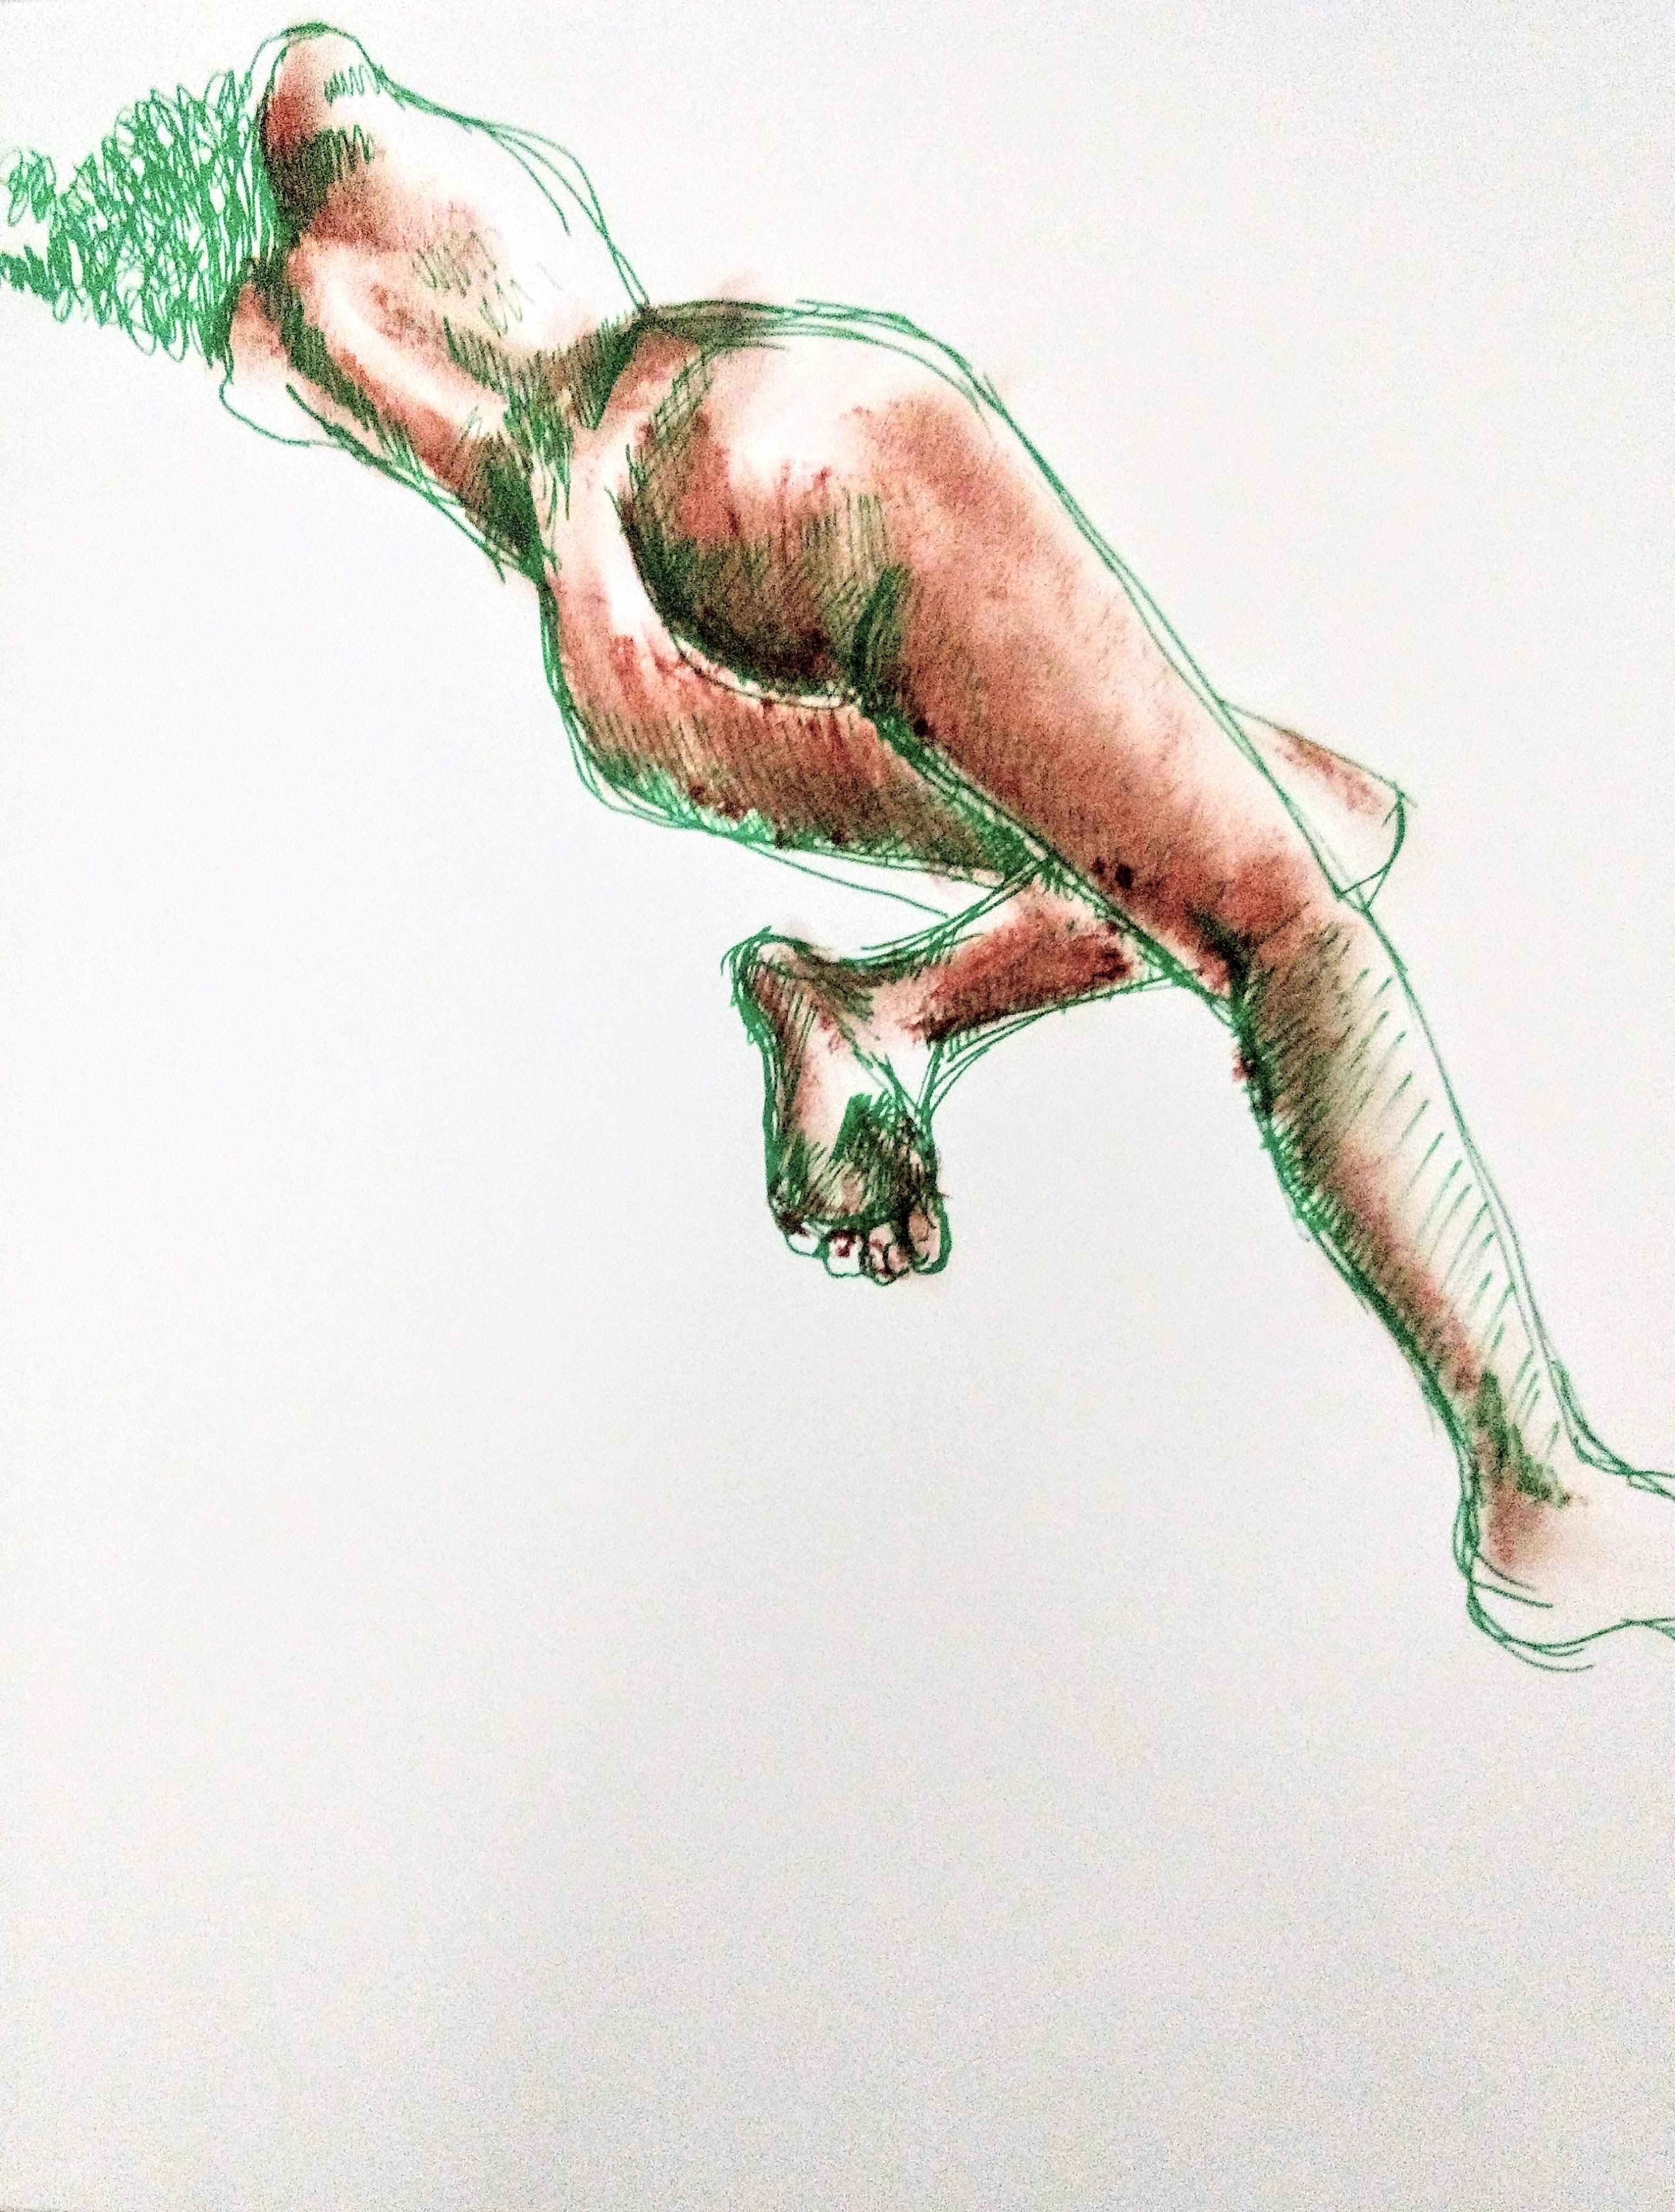 Desenho de modelo feminino nu, em caneta posca e pastel oleoso, realizado durante Prática de modelo vivo com Rafa Coutinho e Laerte no espaço Breu em 2019.